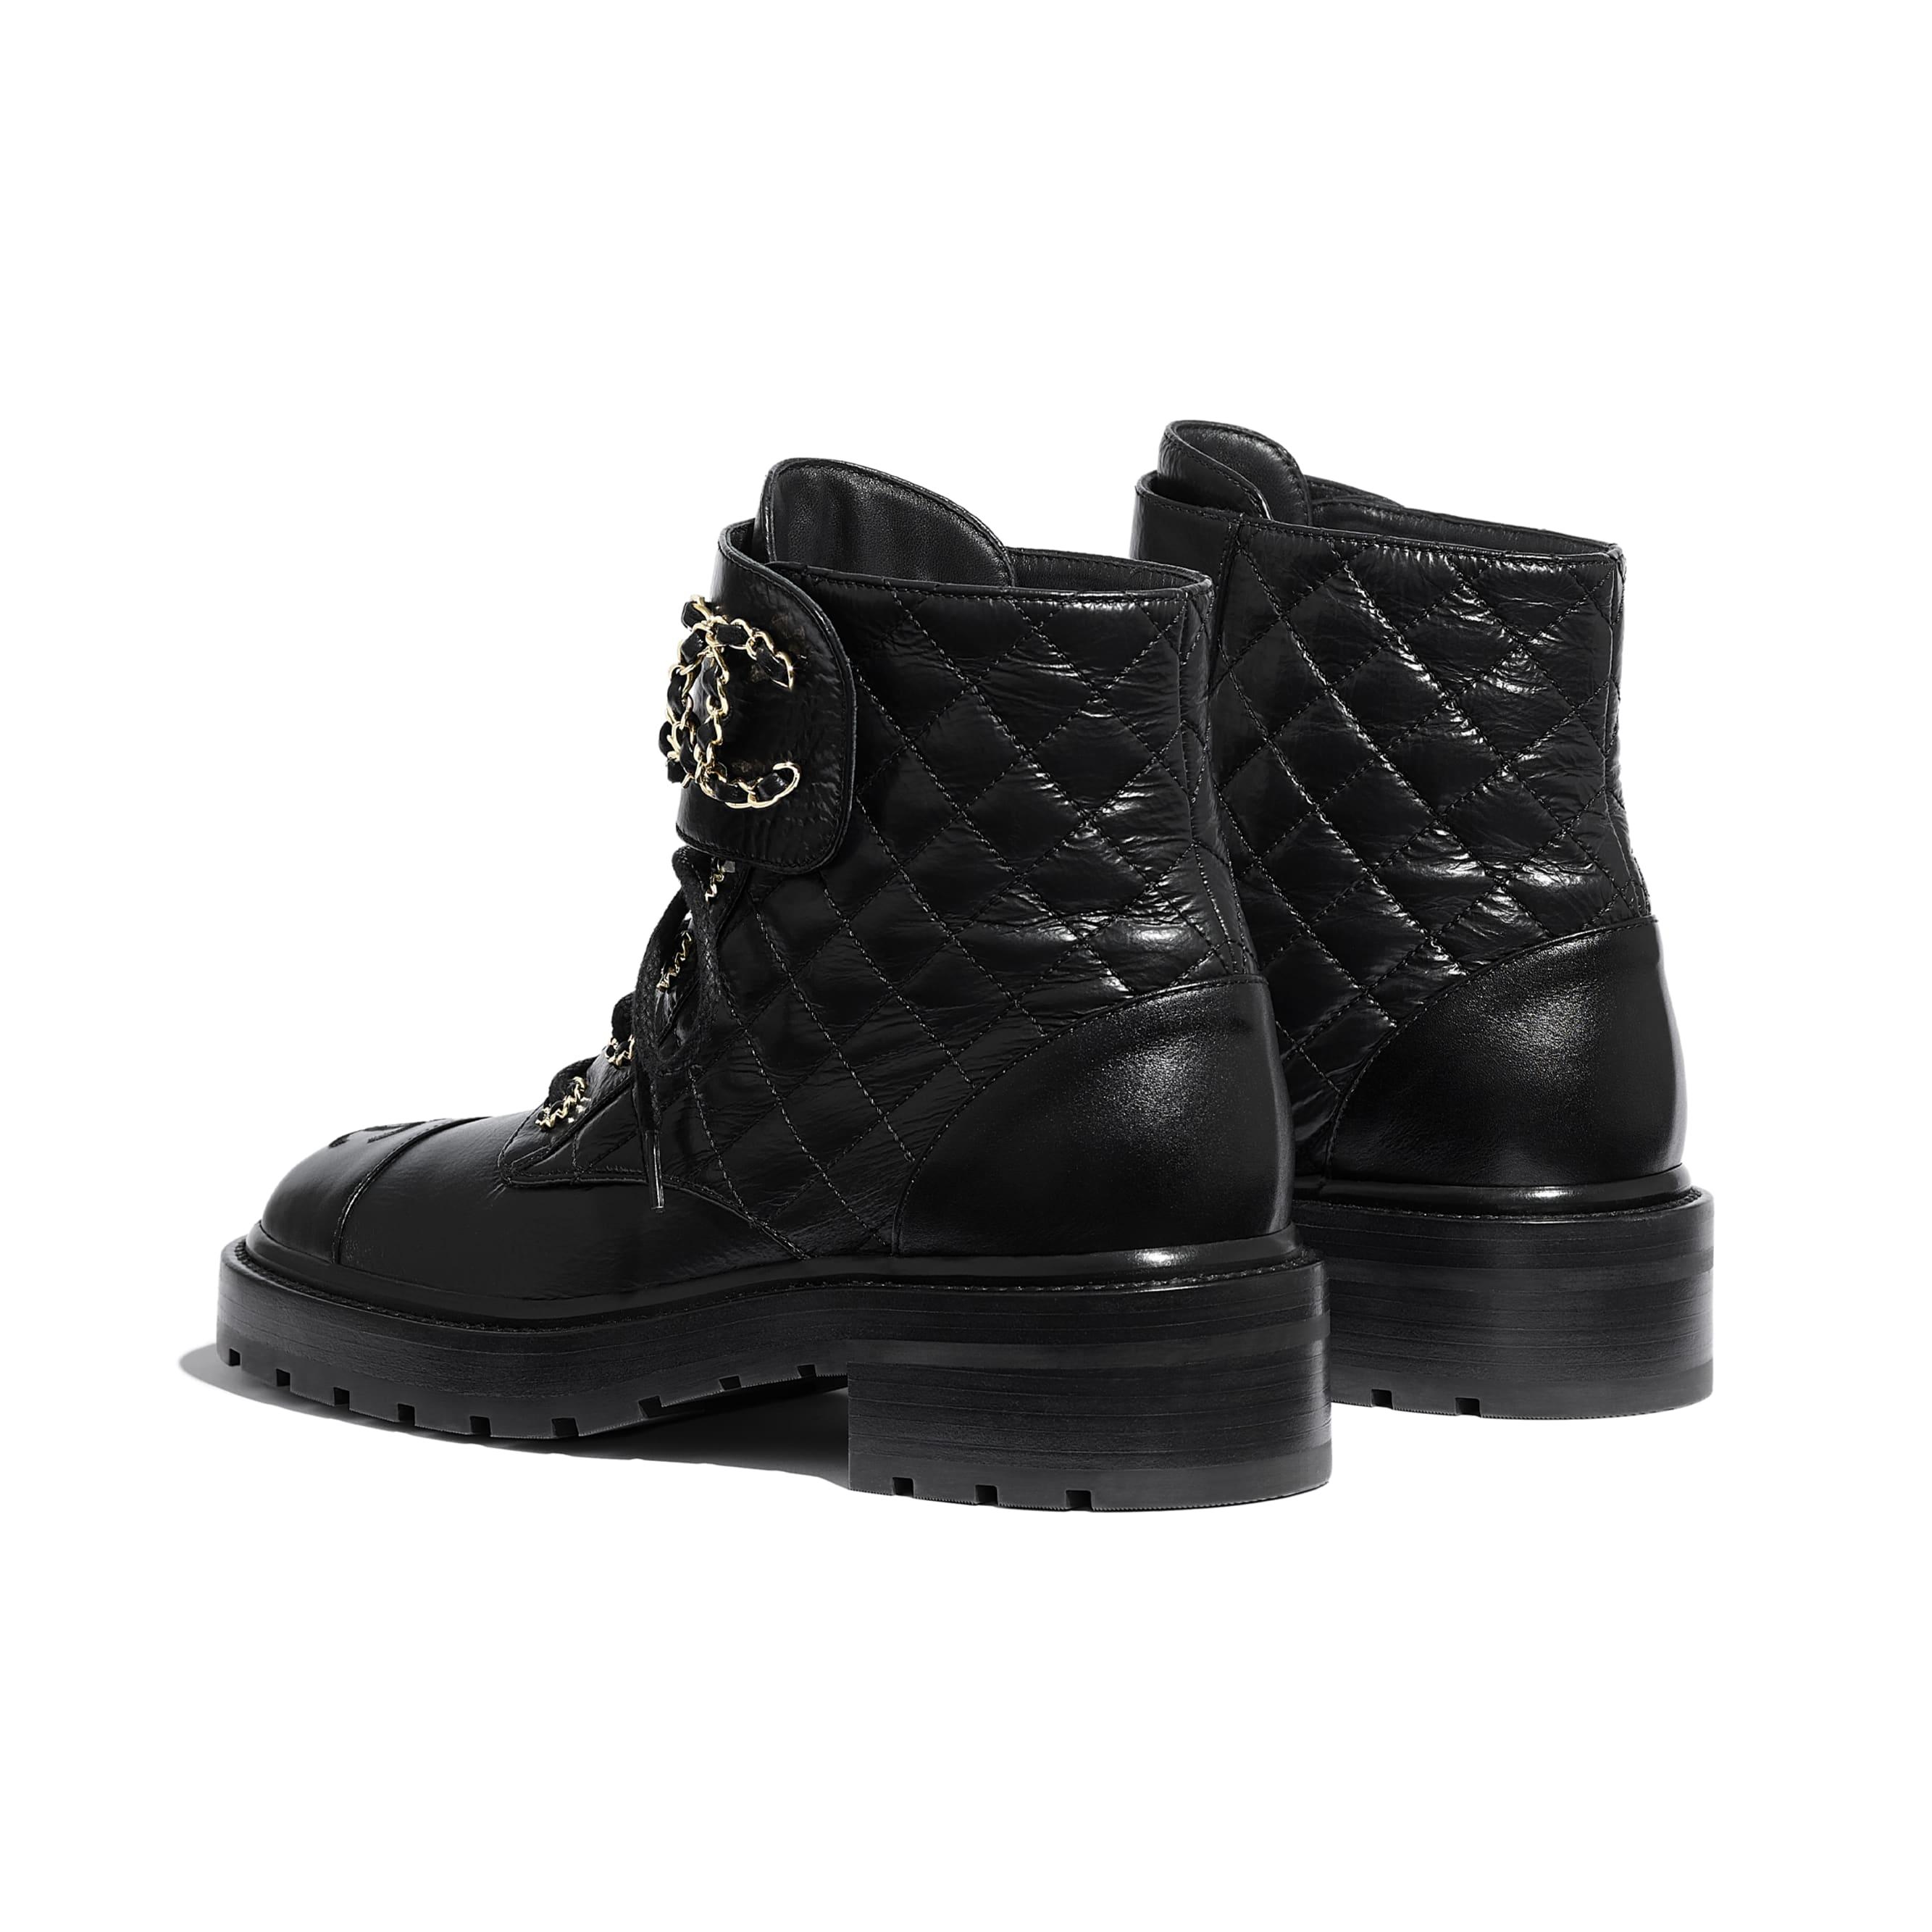 Ботинки на шнуровке - Черный - Блестящая кожа козы и кожа теленка - CHANEL - Другое изображение - посмотреть изображение стандартного размера